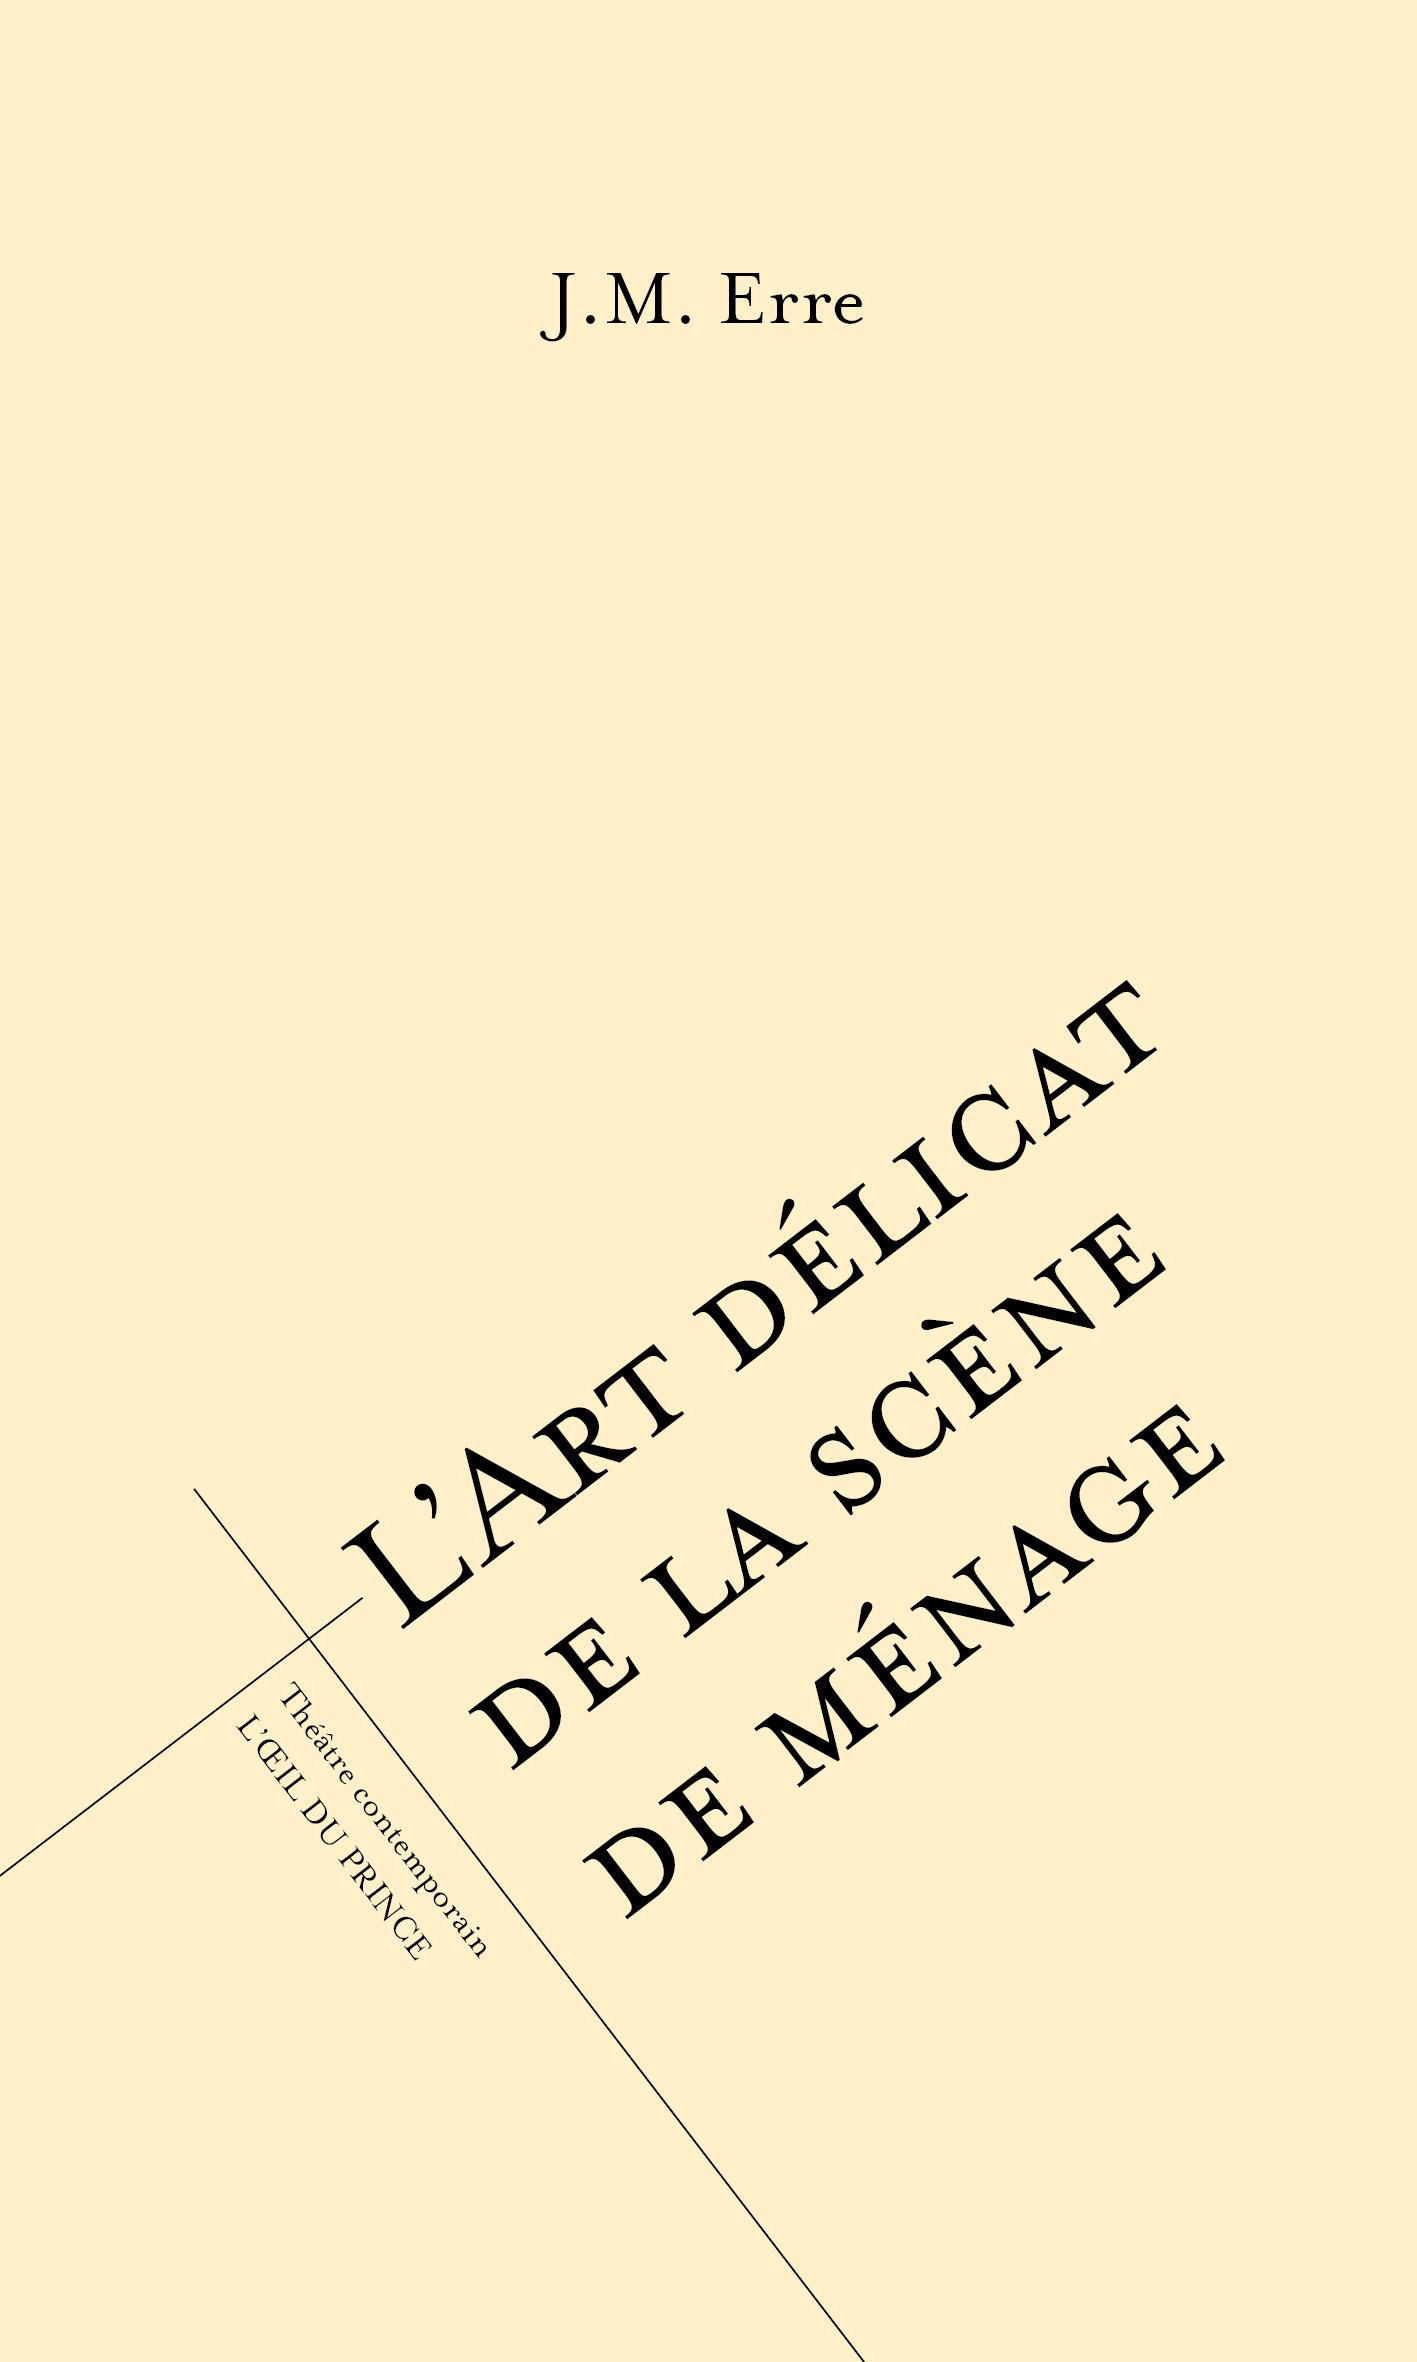 L'ART DELICAT DE LA SCENE DE MENAGE